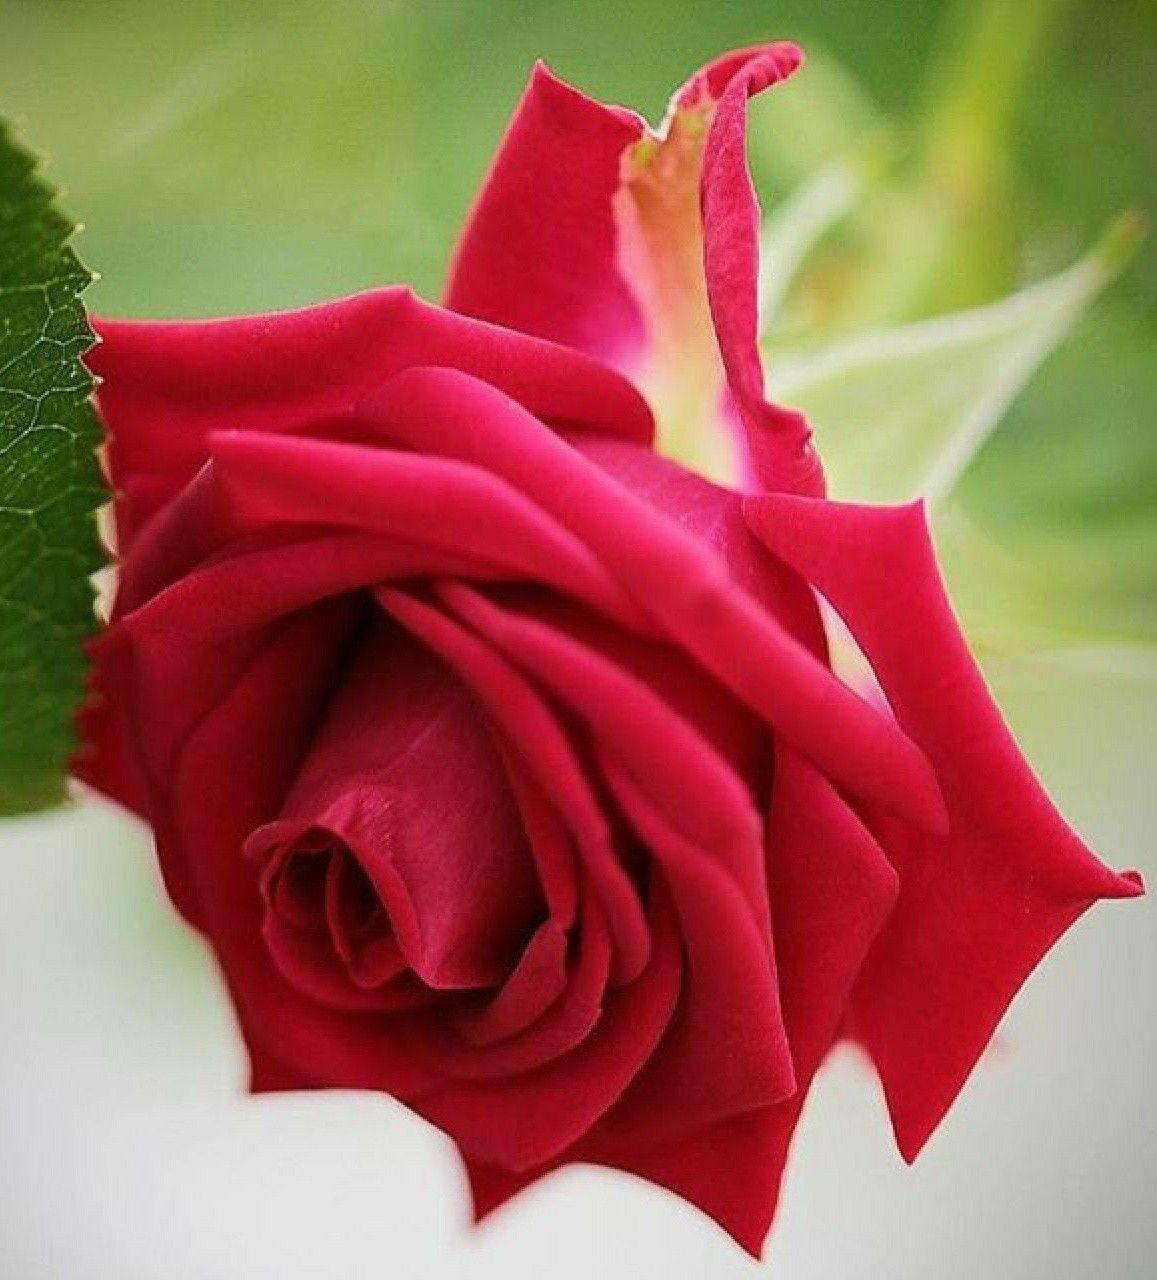 Orchidee Meravigliose Trucchi E Segreti pin di leonetta persia su roses (con immagini) | rose rosse